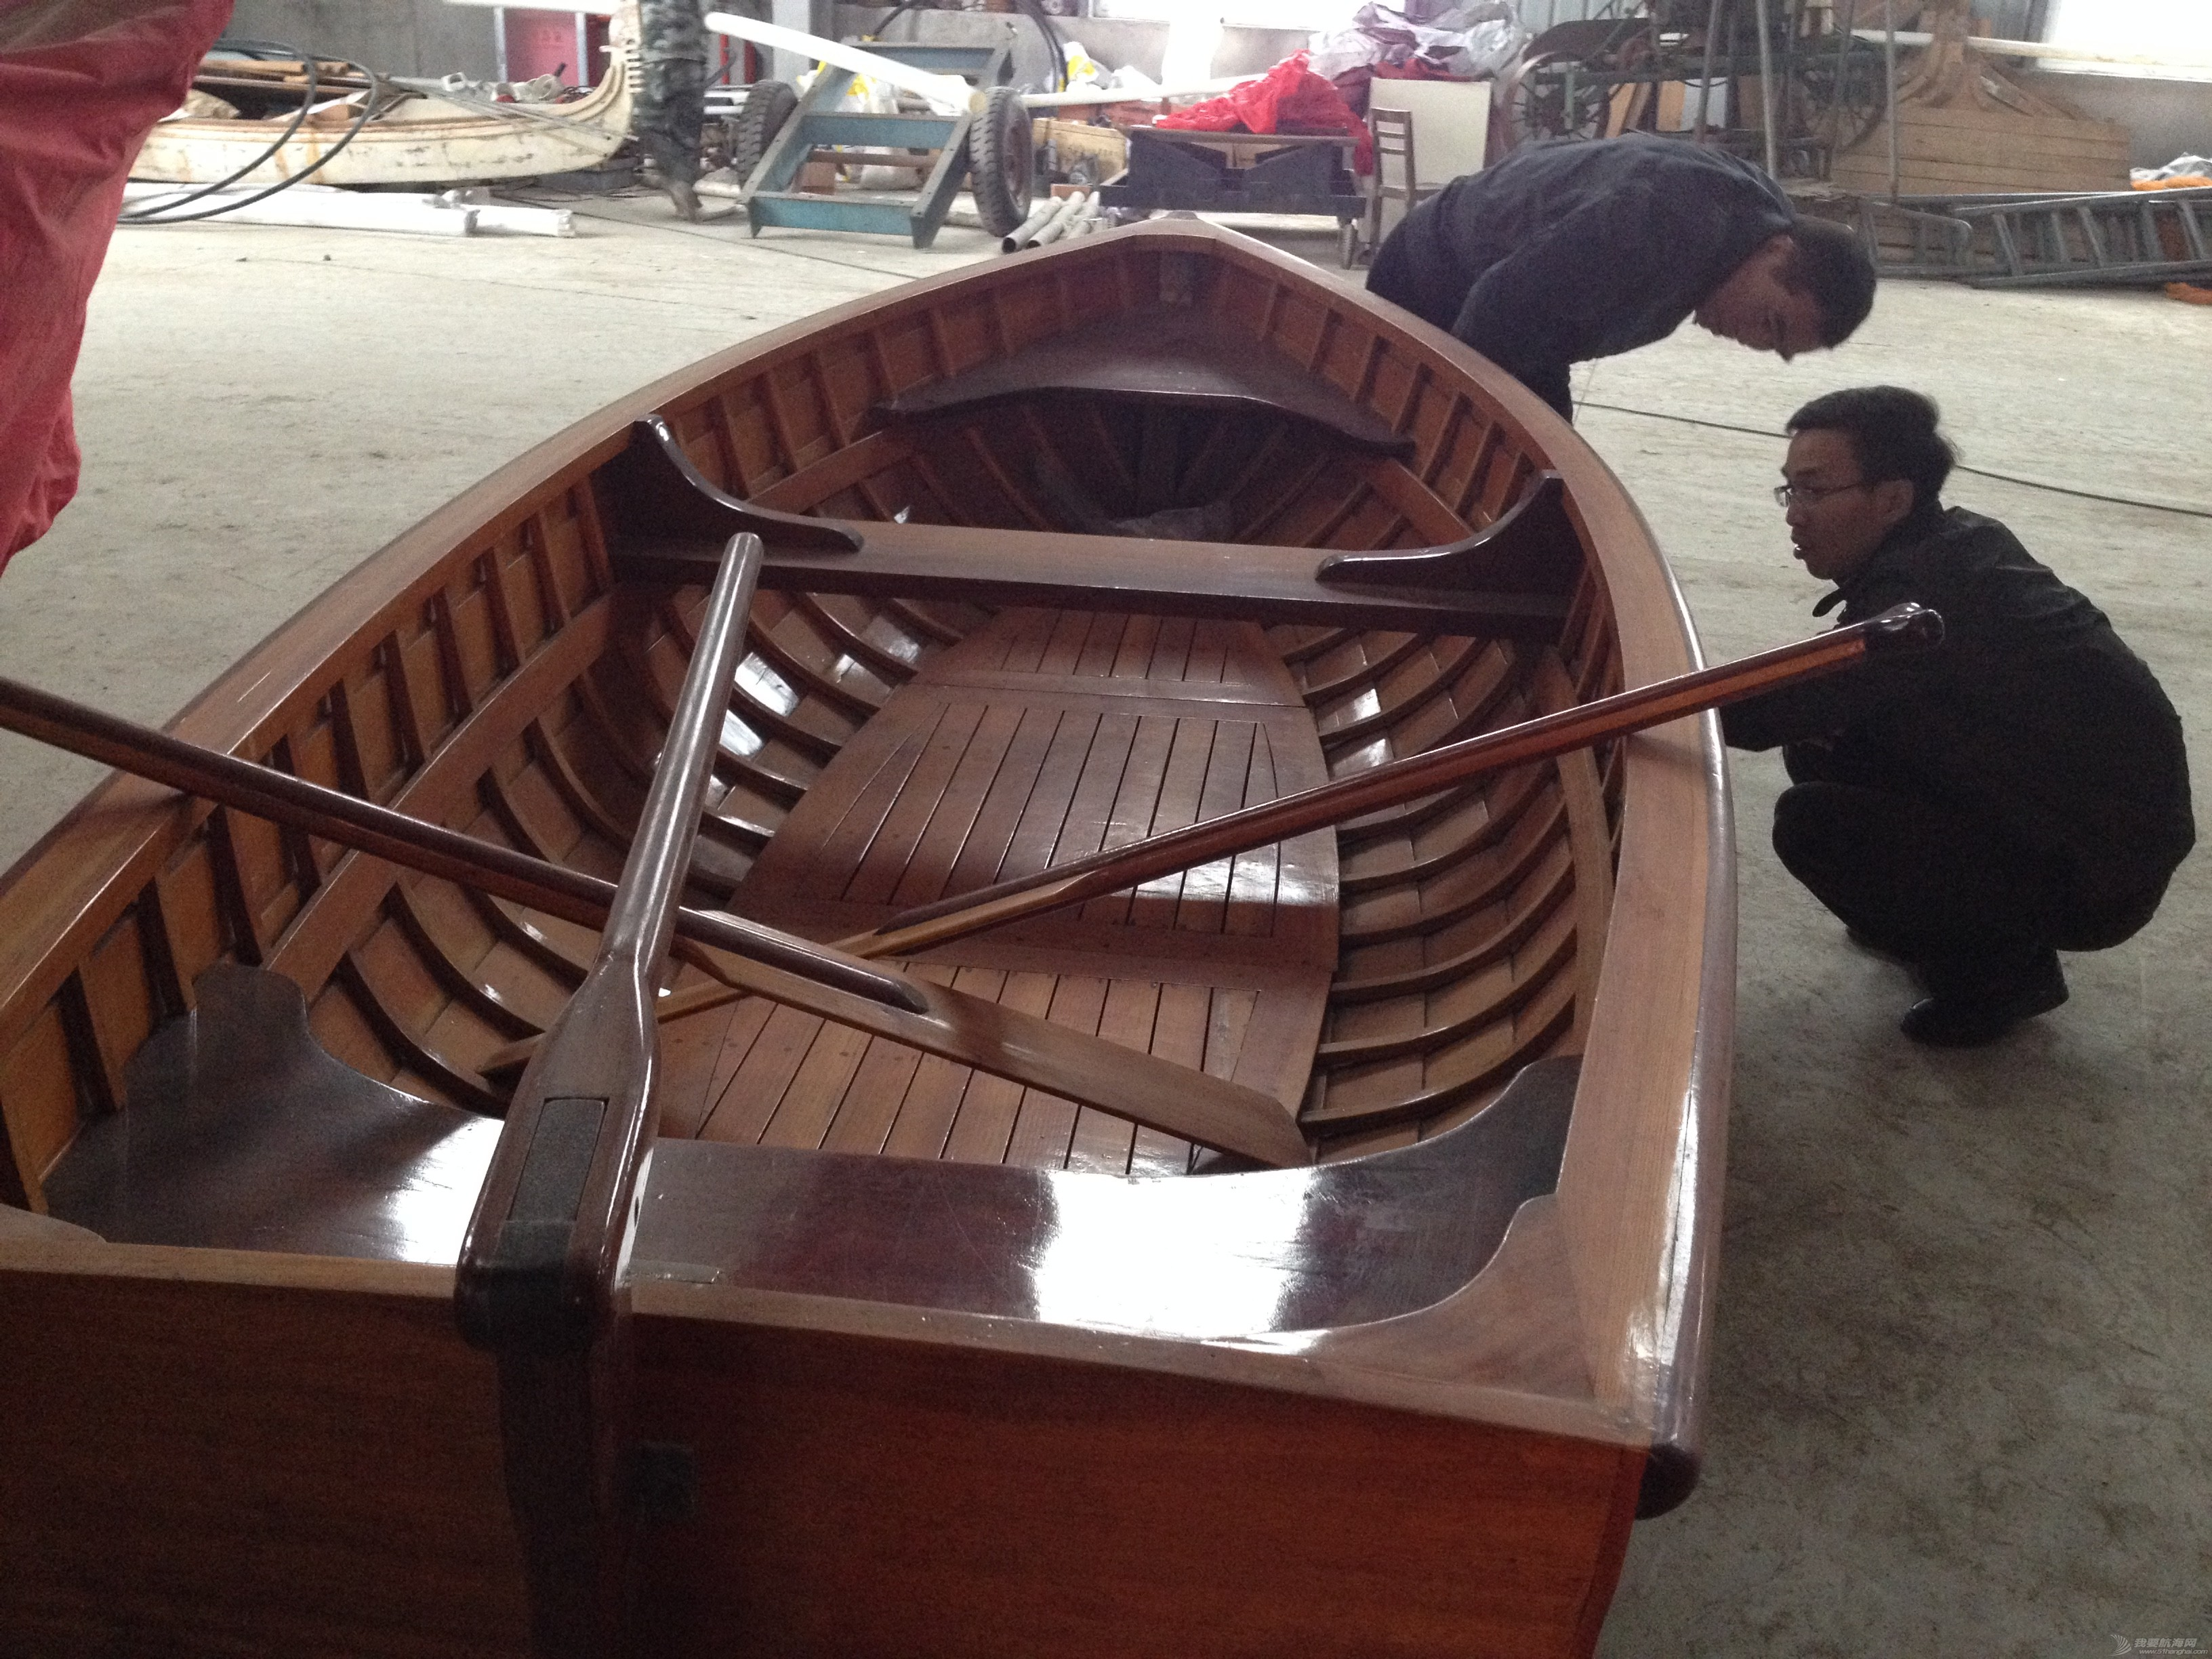 中式风格,交通运输,造船厂,朱家尖,对抗赛 全球首次中式帆船比赛可能会在舟山举行 IMG_7904.JPG